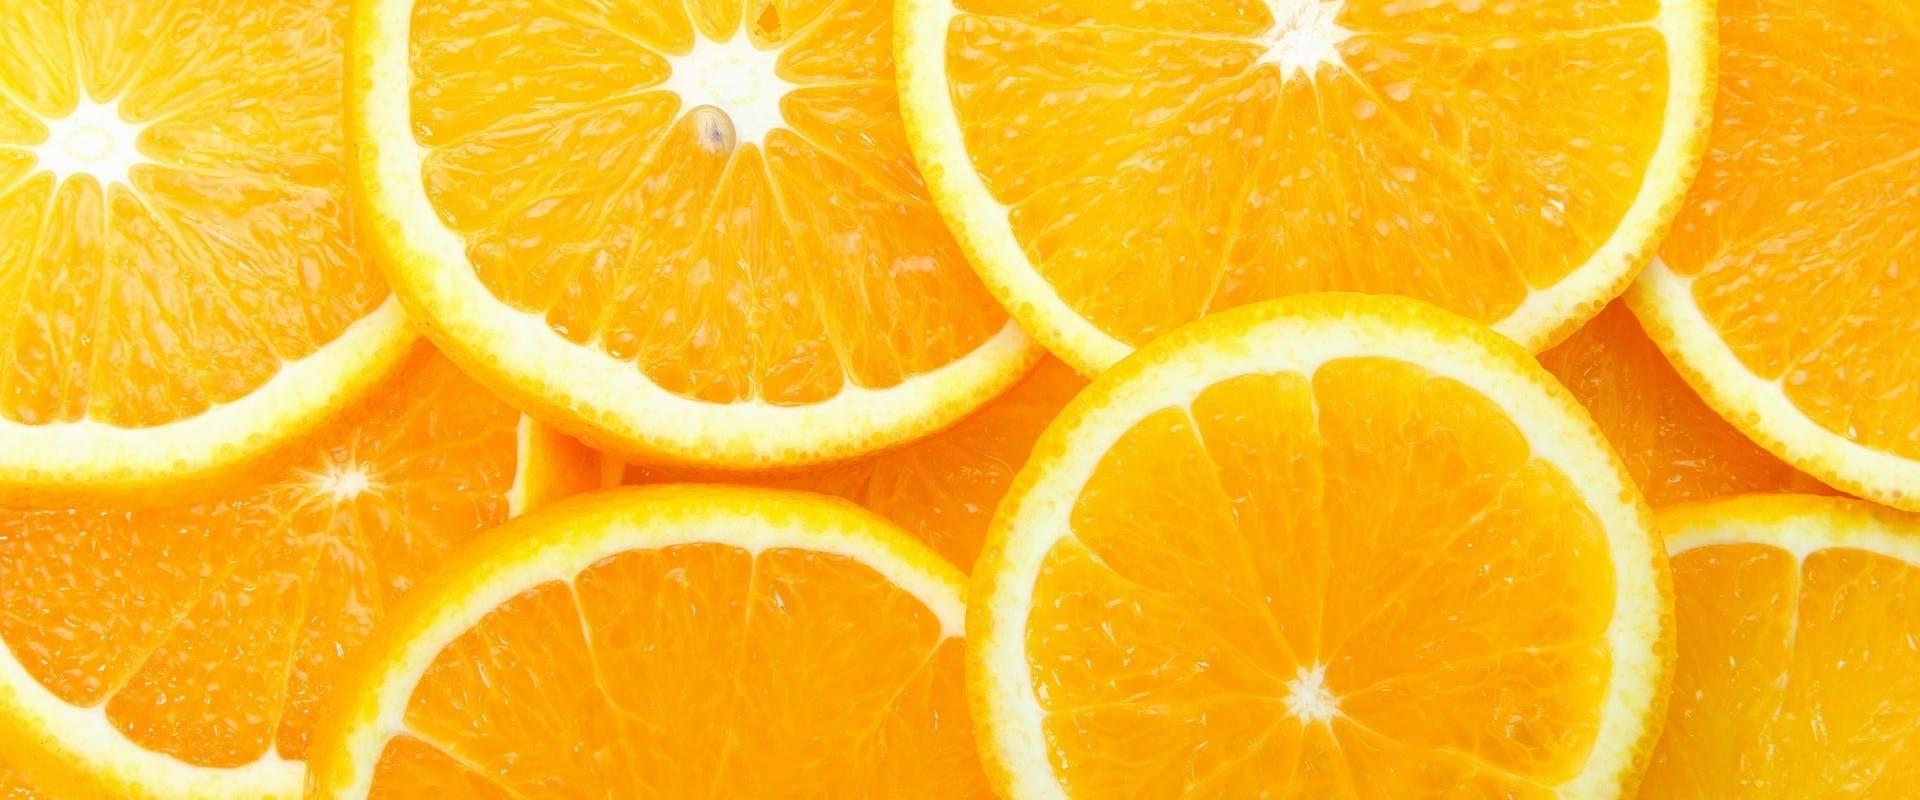 Vitamina C oral